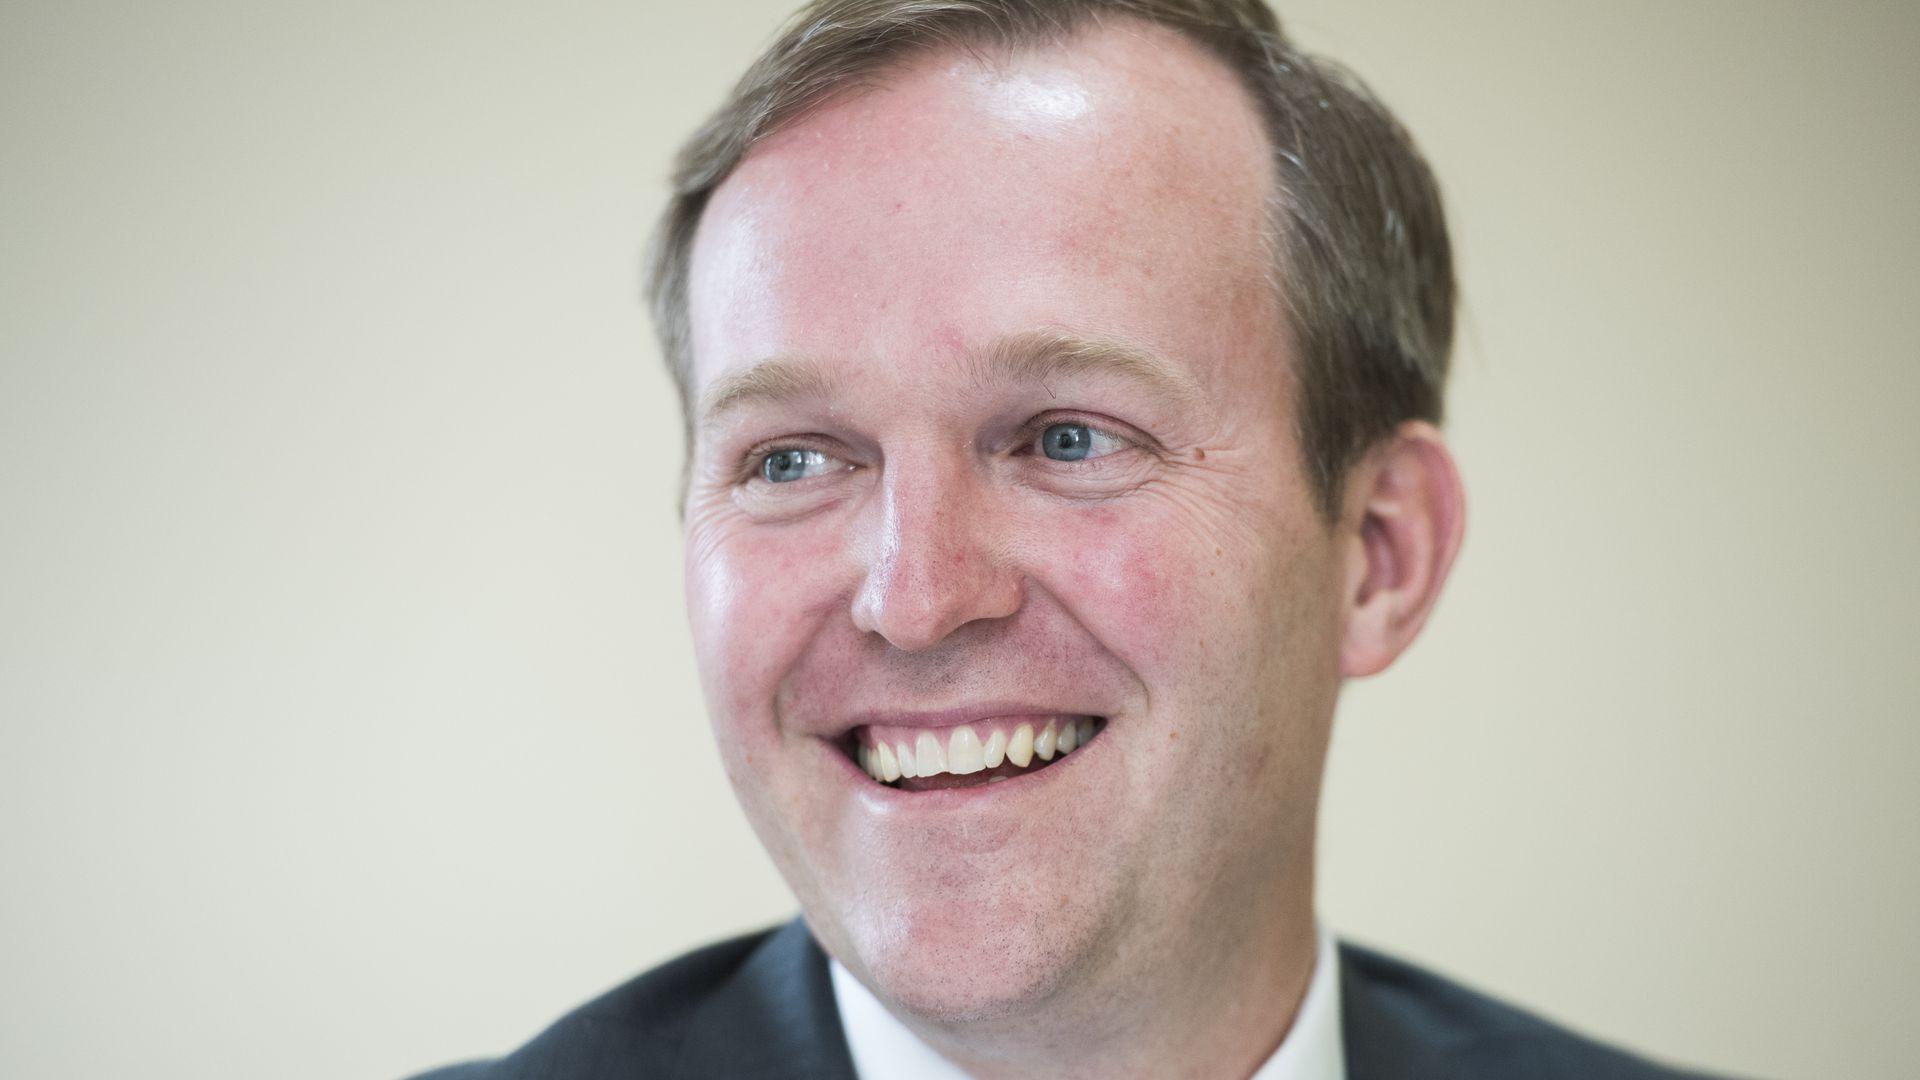 Ben McAdams smiling